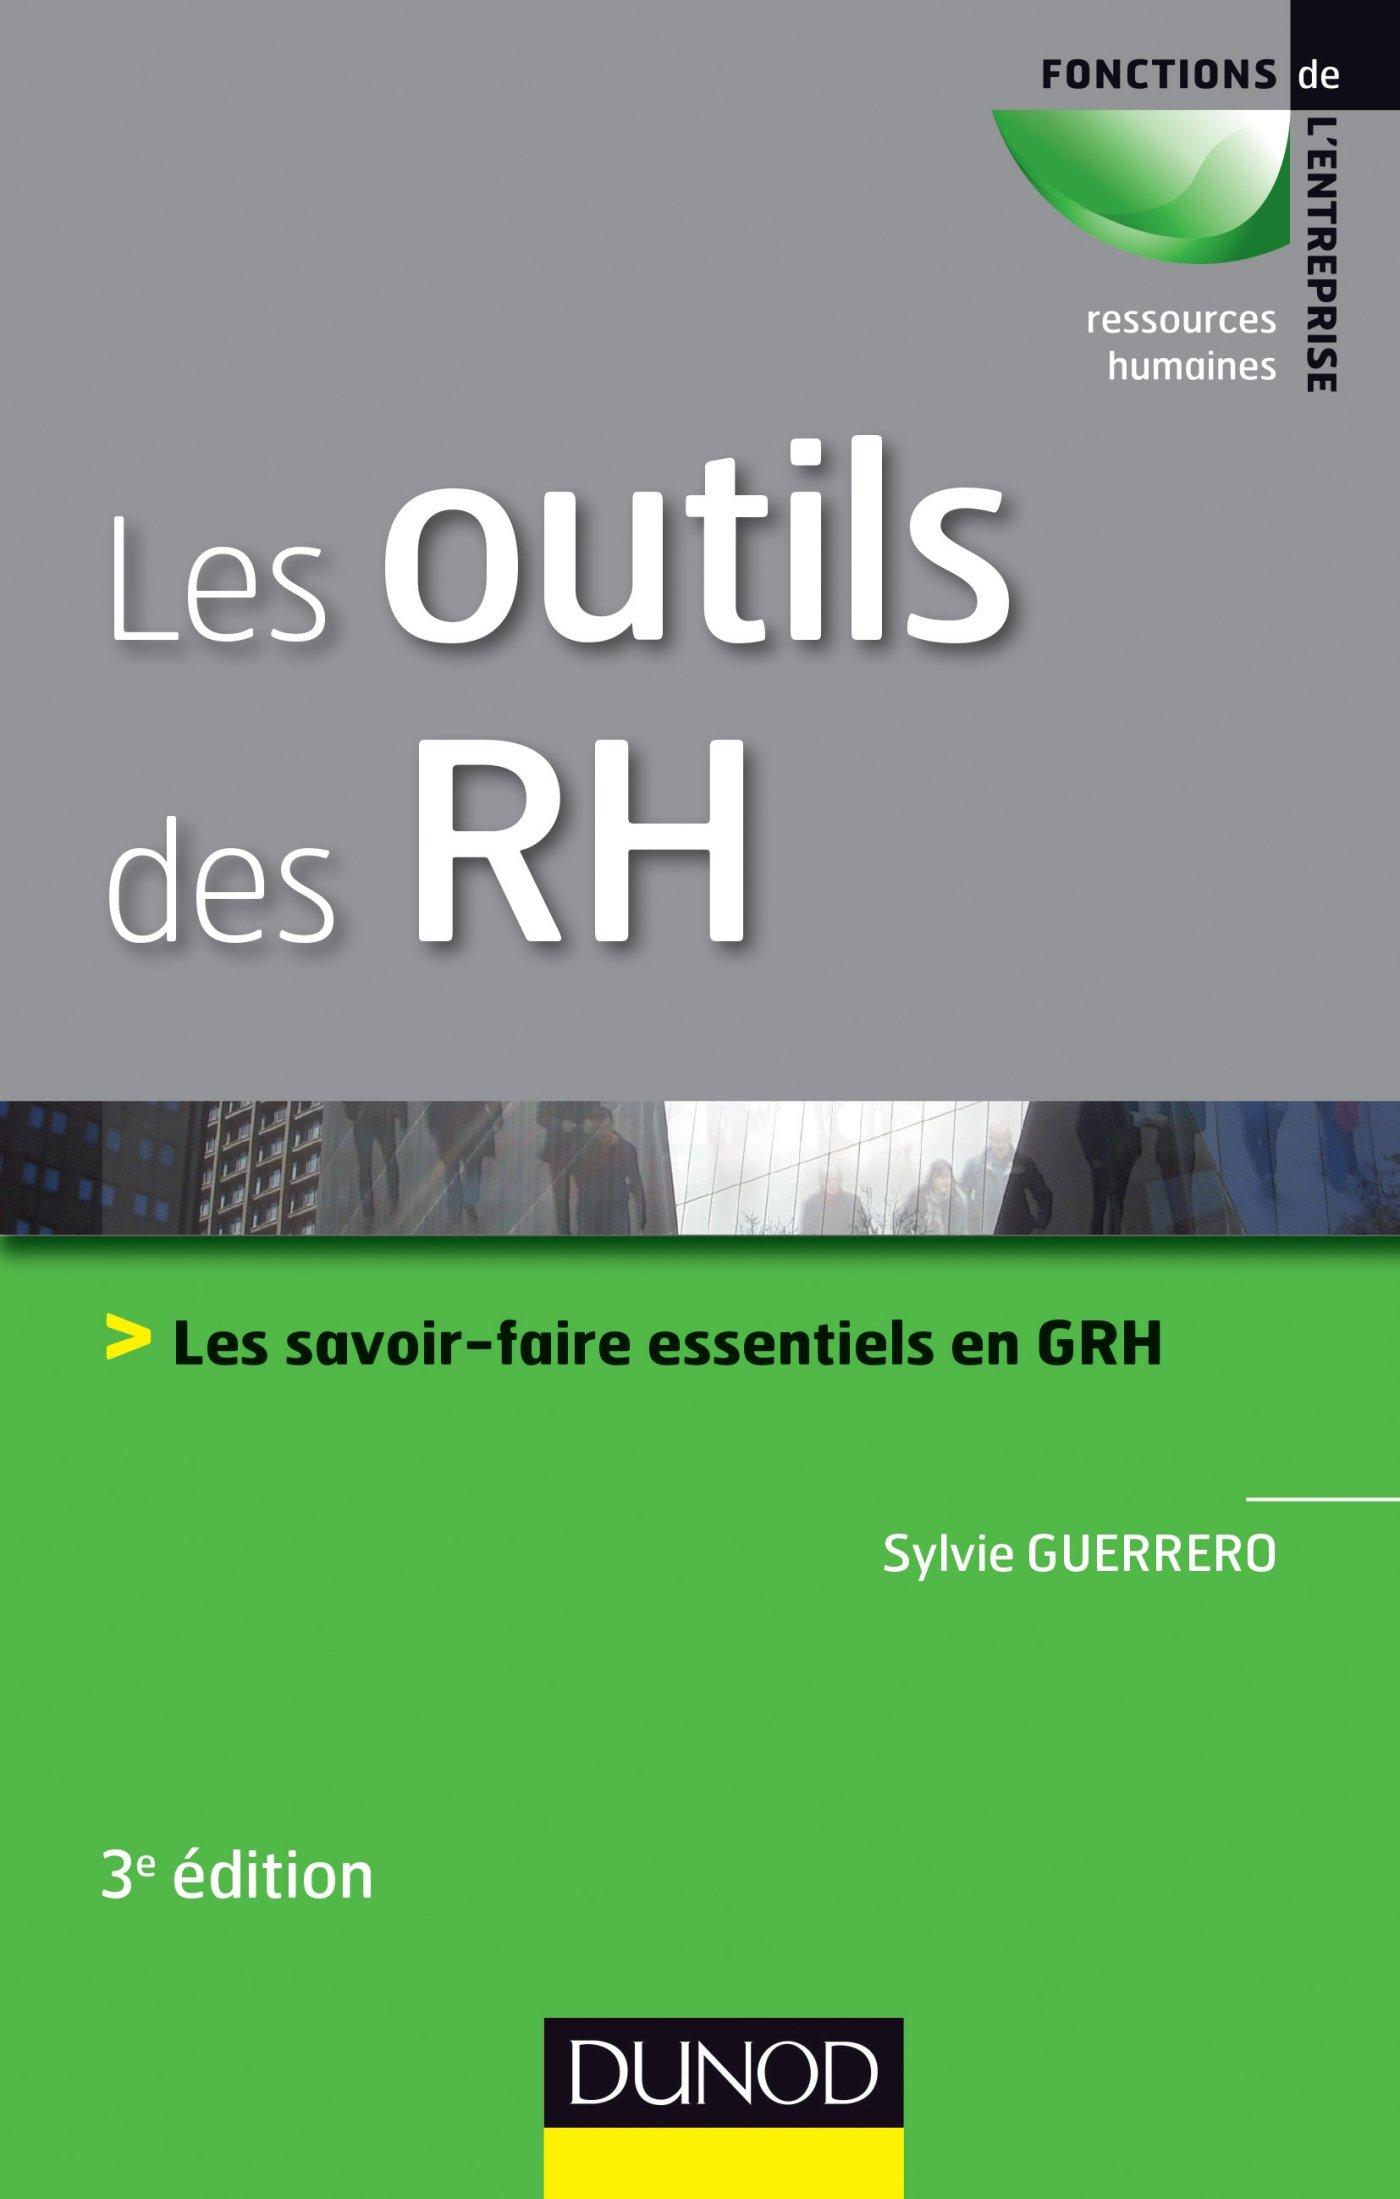 Les outils des RH – Les savoir-faire essentiels en GRH